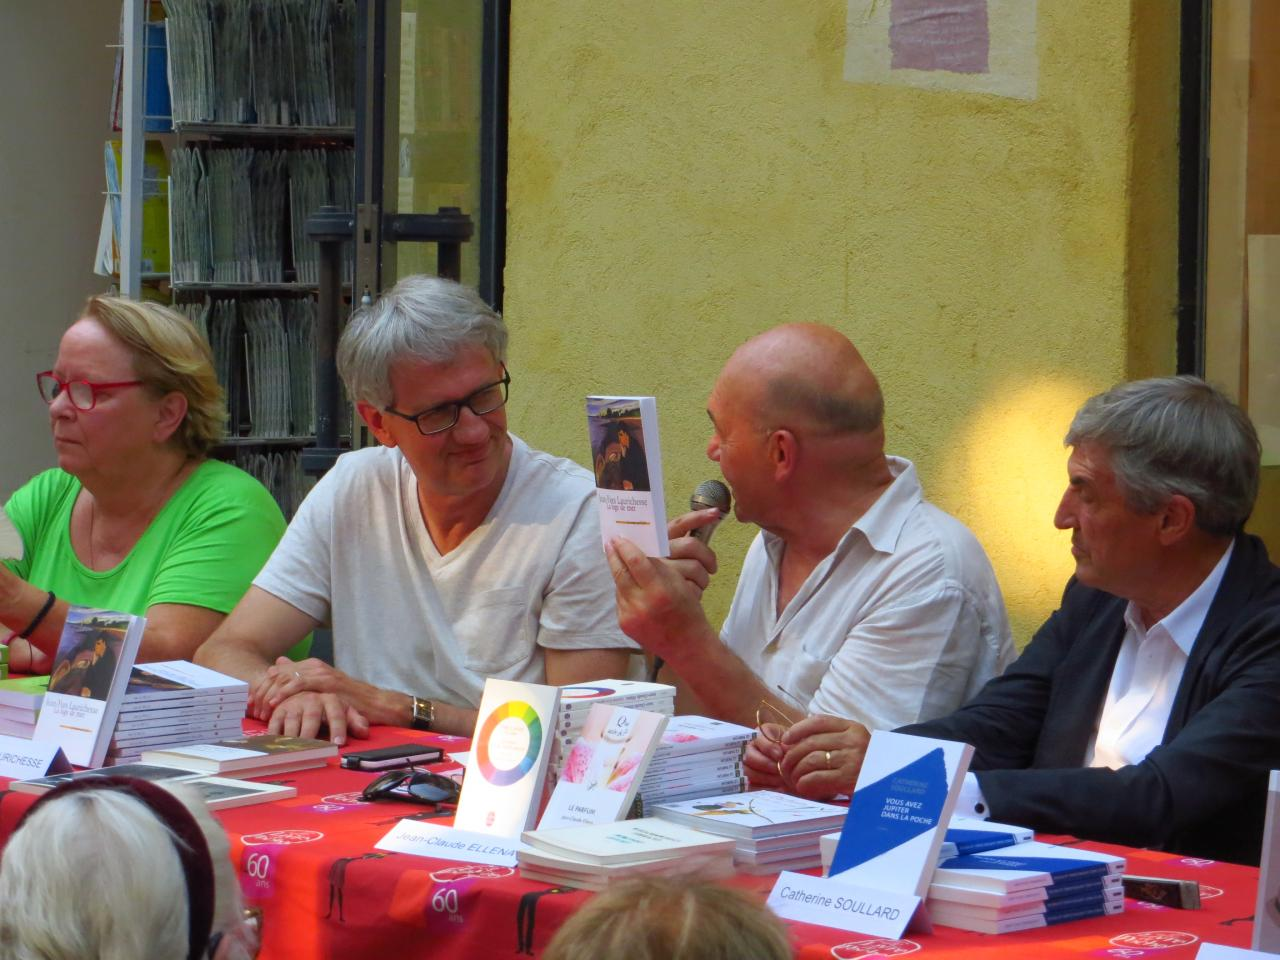 06/08/2015, Librairie Le poivre d'âne, Manosque